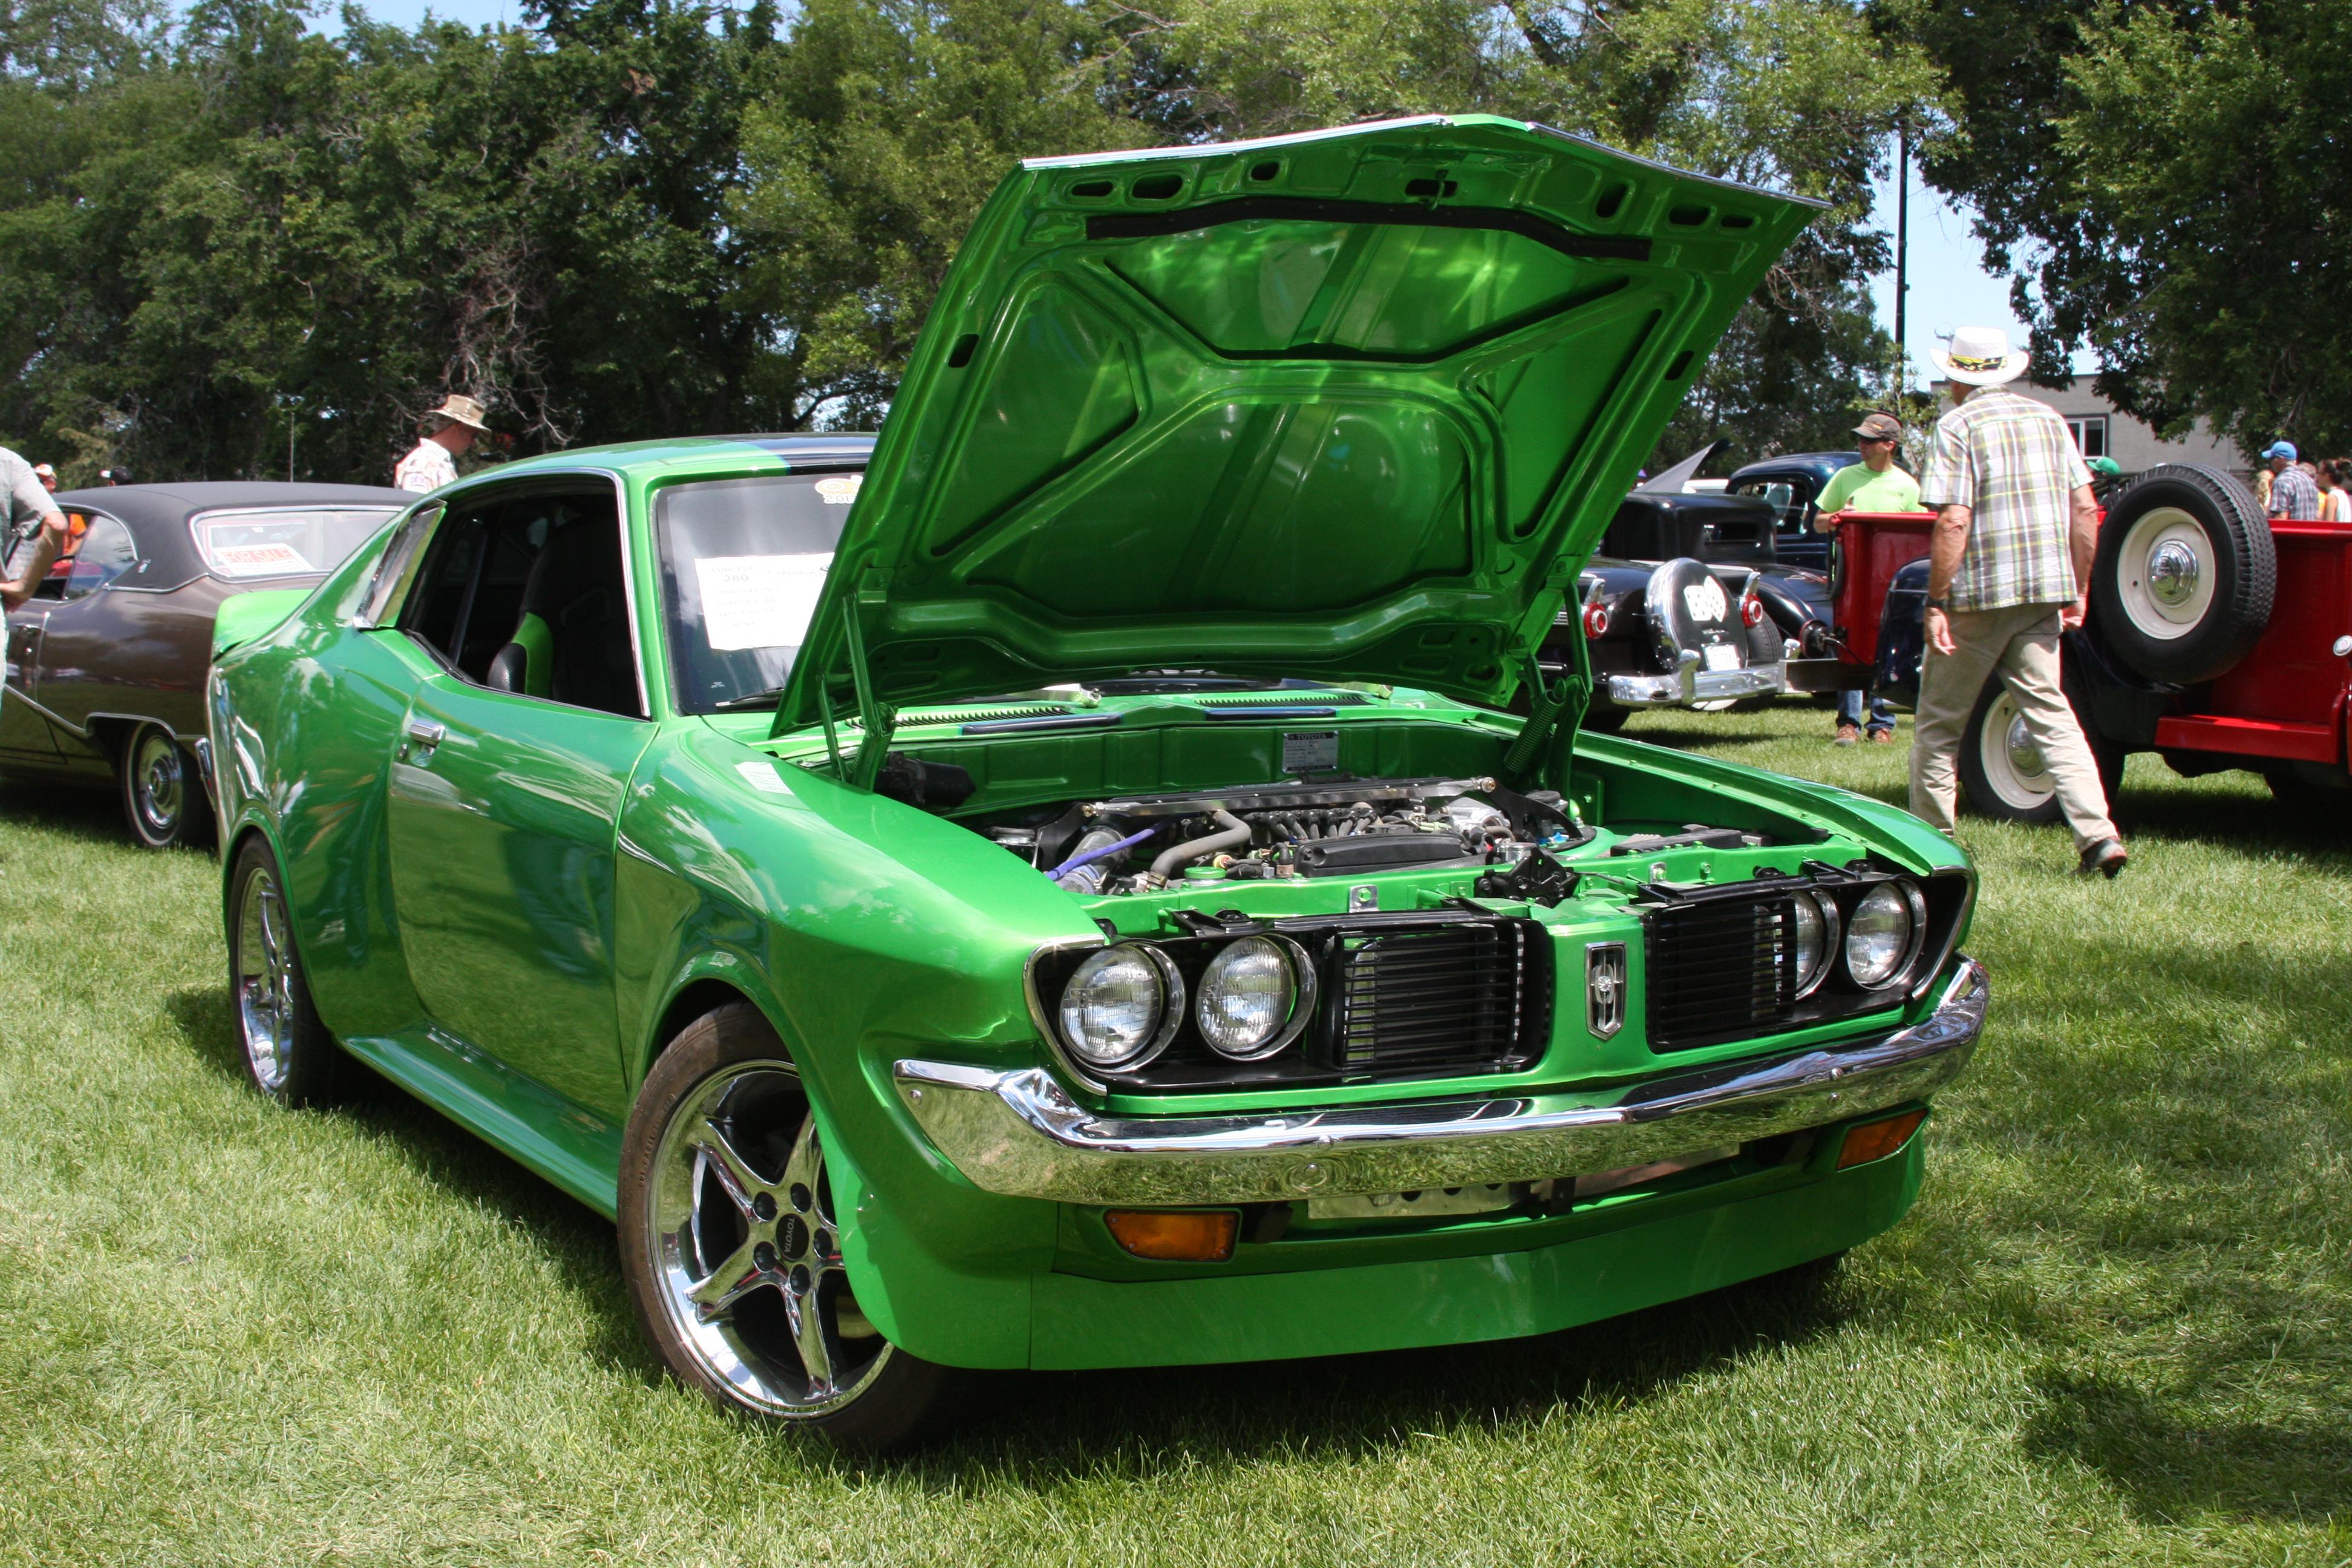 1973 Toyota Corona Mark Ii Coupe